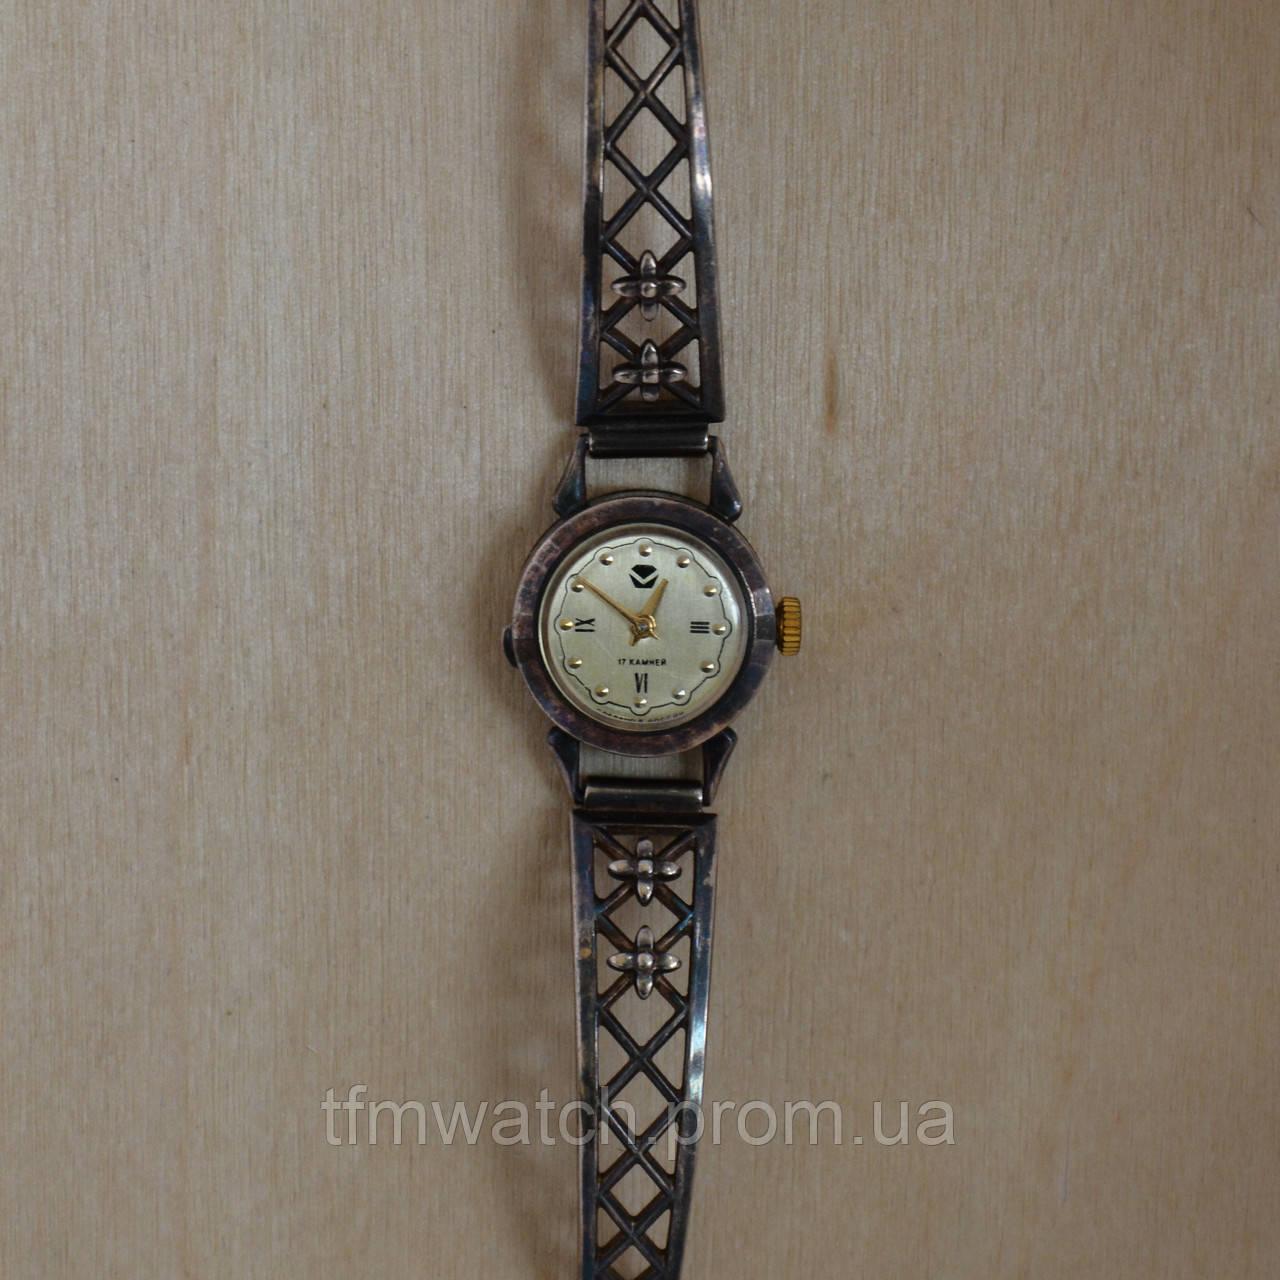 Часы наручные женские механические чайка ремонт кварцевых наручных часов советского производства